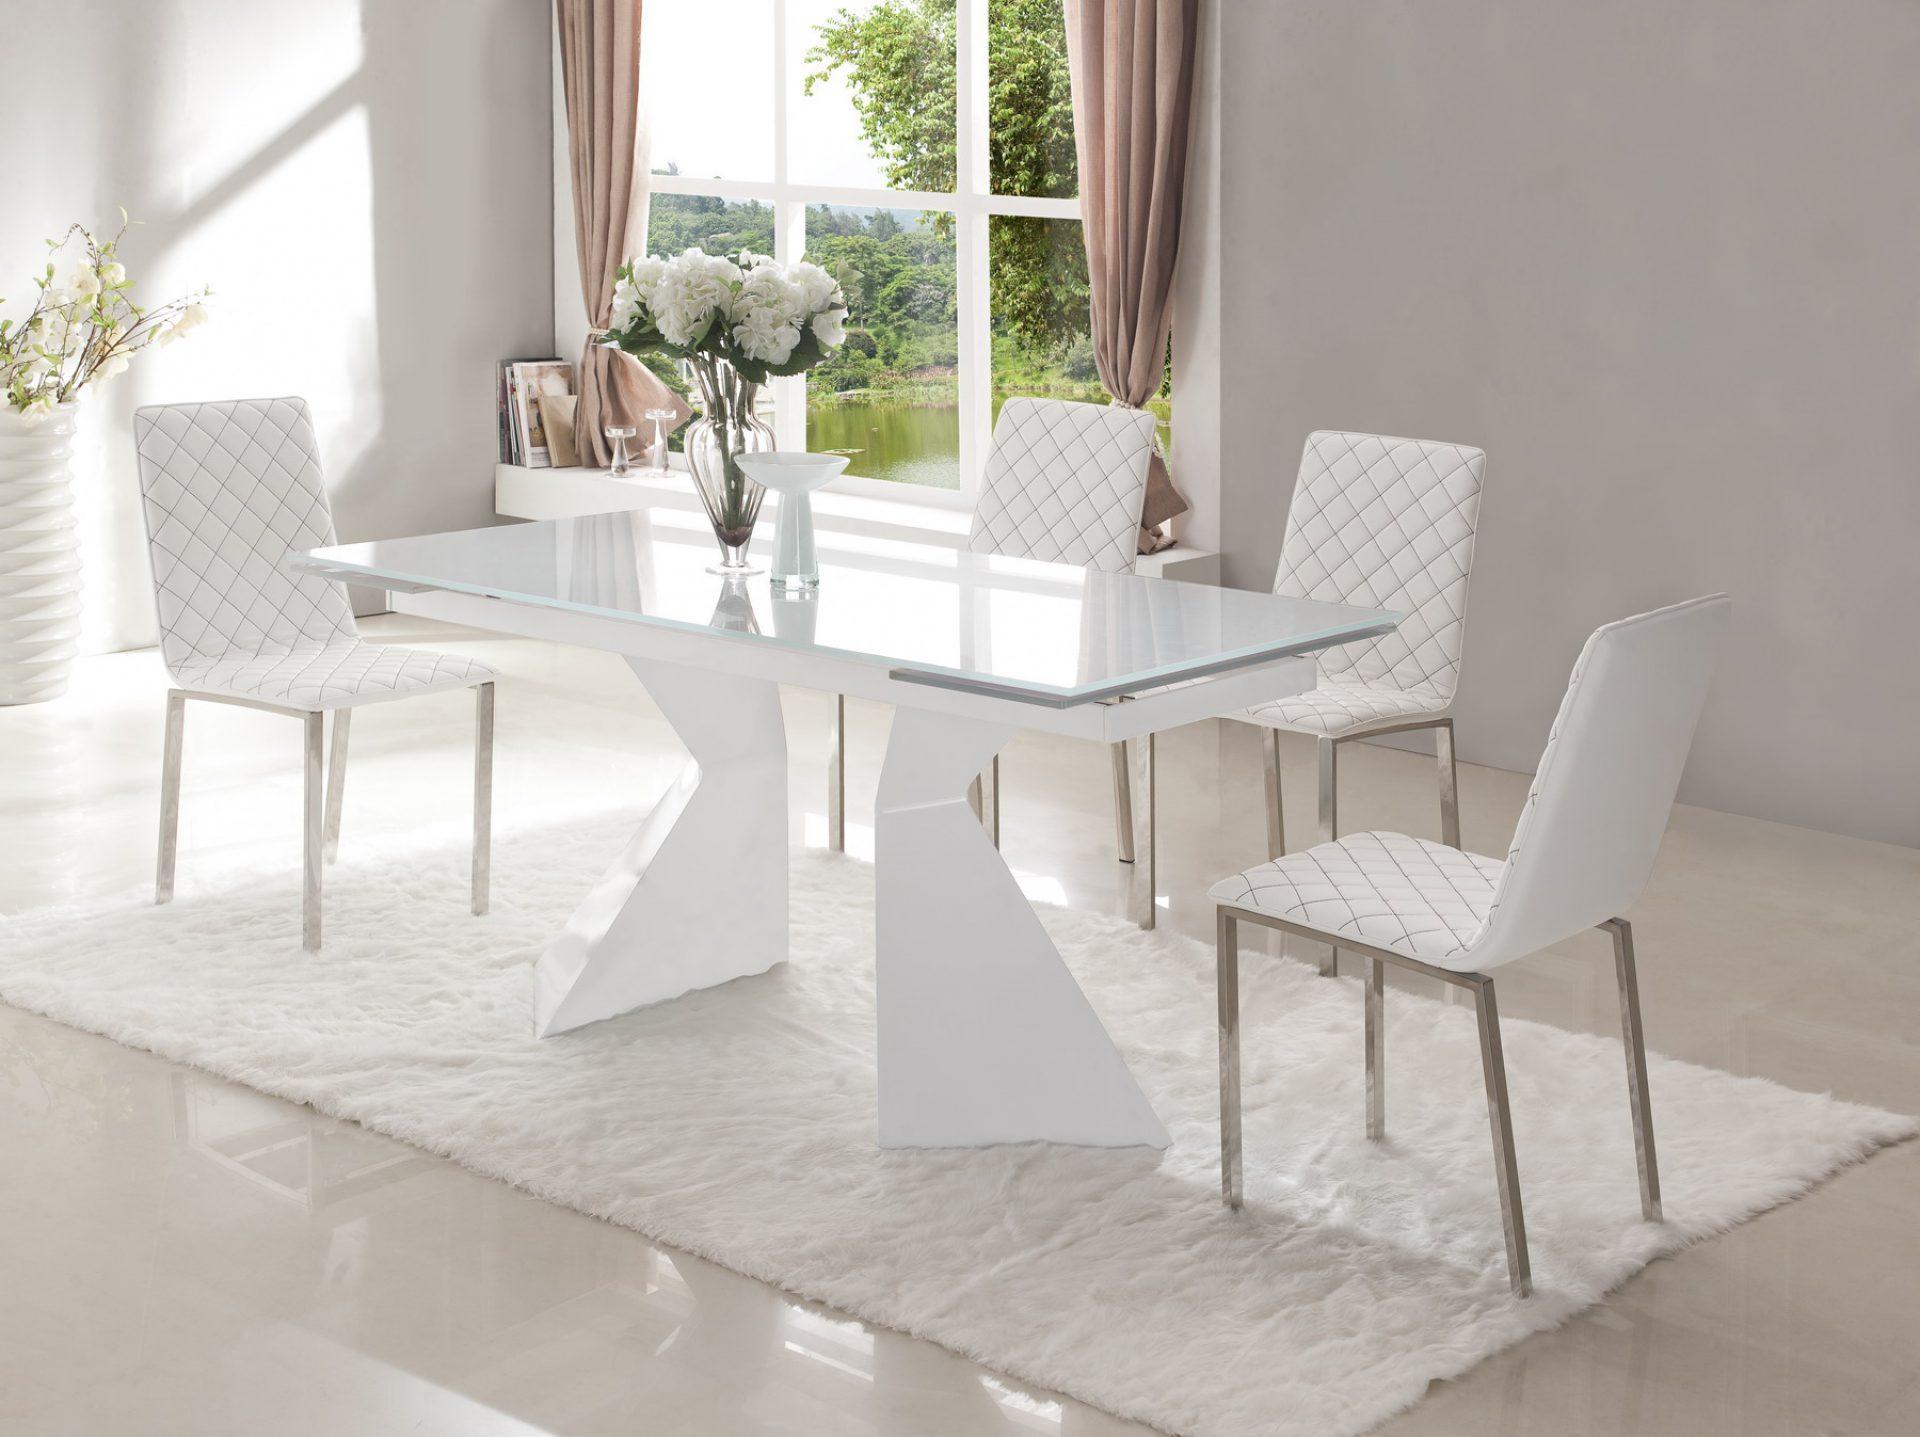 Стол ESF CT992 белый в сложенном состоянии и стулья ESF BZ-692 белый